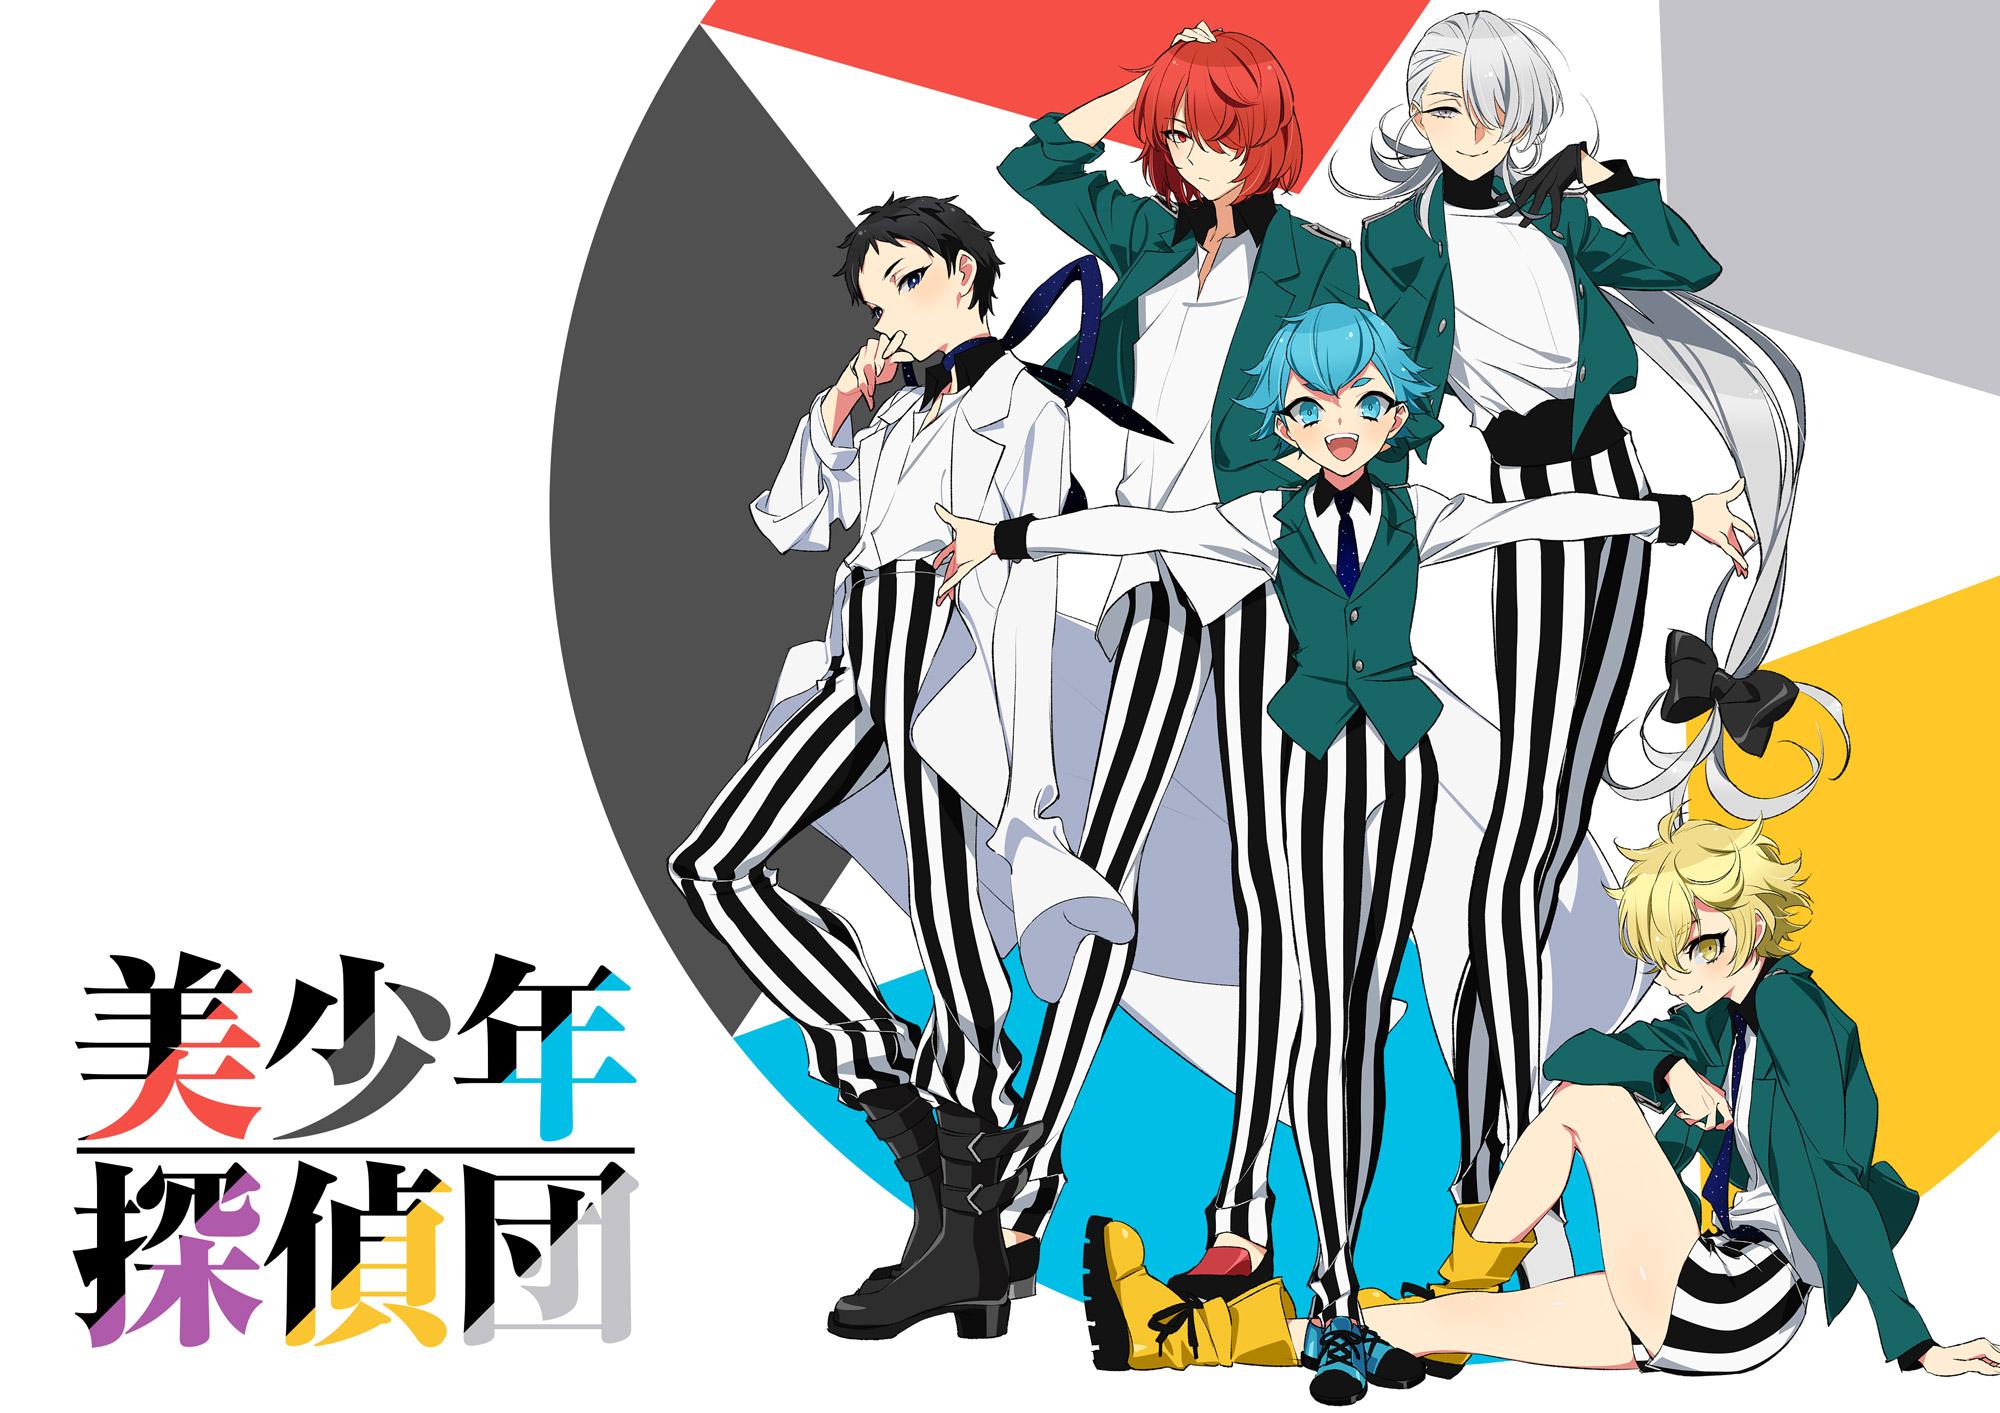 TVアニメ「美少年探偵団」双頭院学を演じるのは村瀬歩さん!第1弾PV&キャスト・放送情報解禁